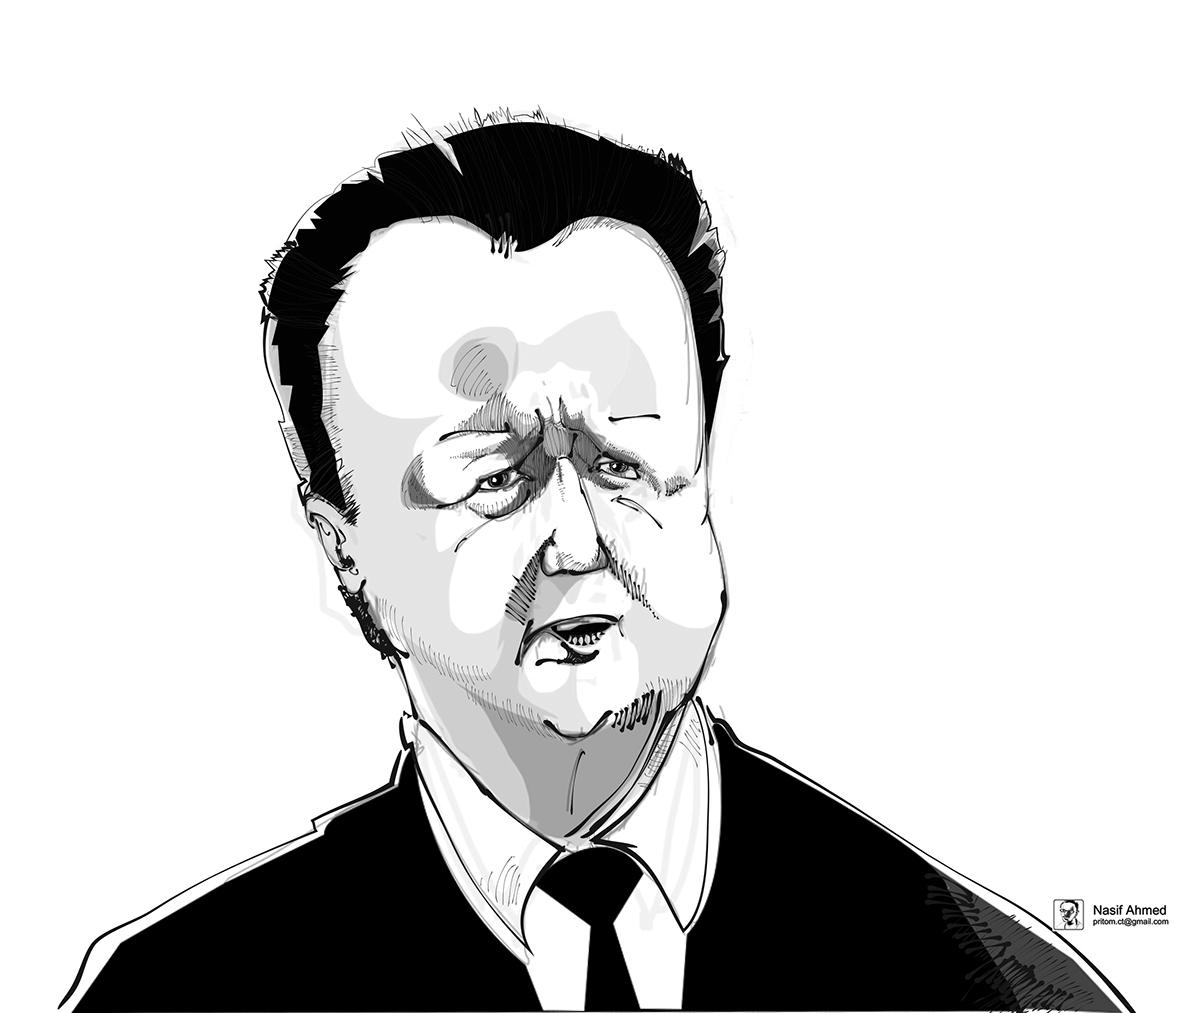 caricature   David Cameron davidcameron david cameron british British Prime Minister Prime Minister minister London